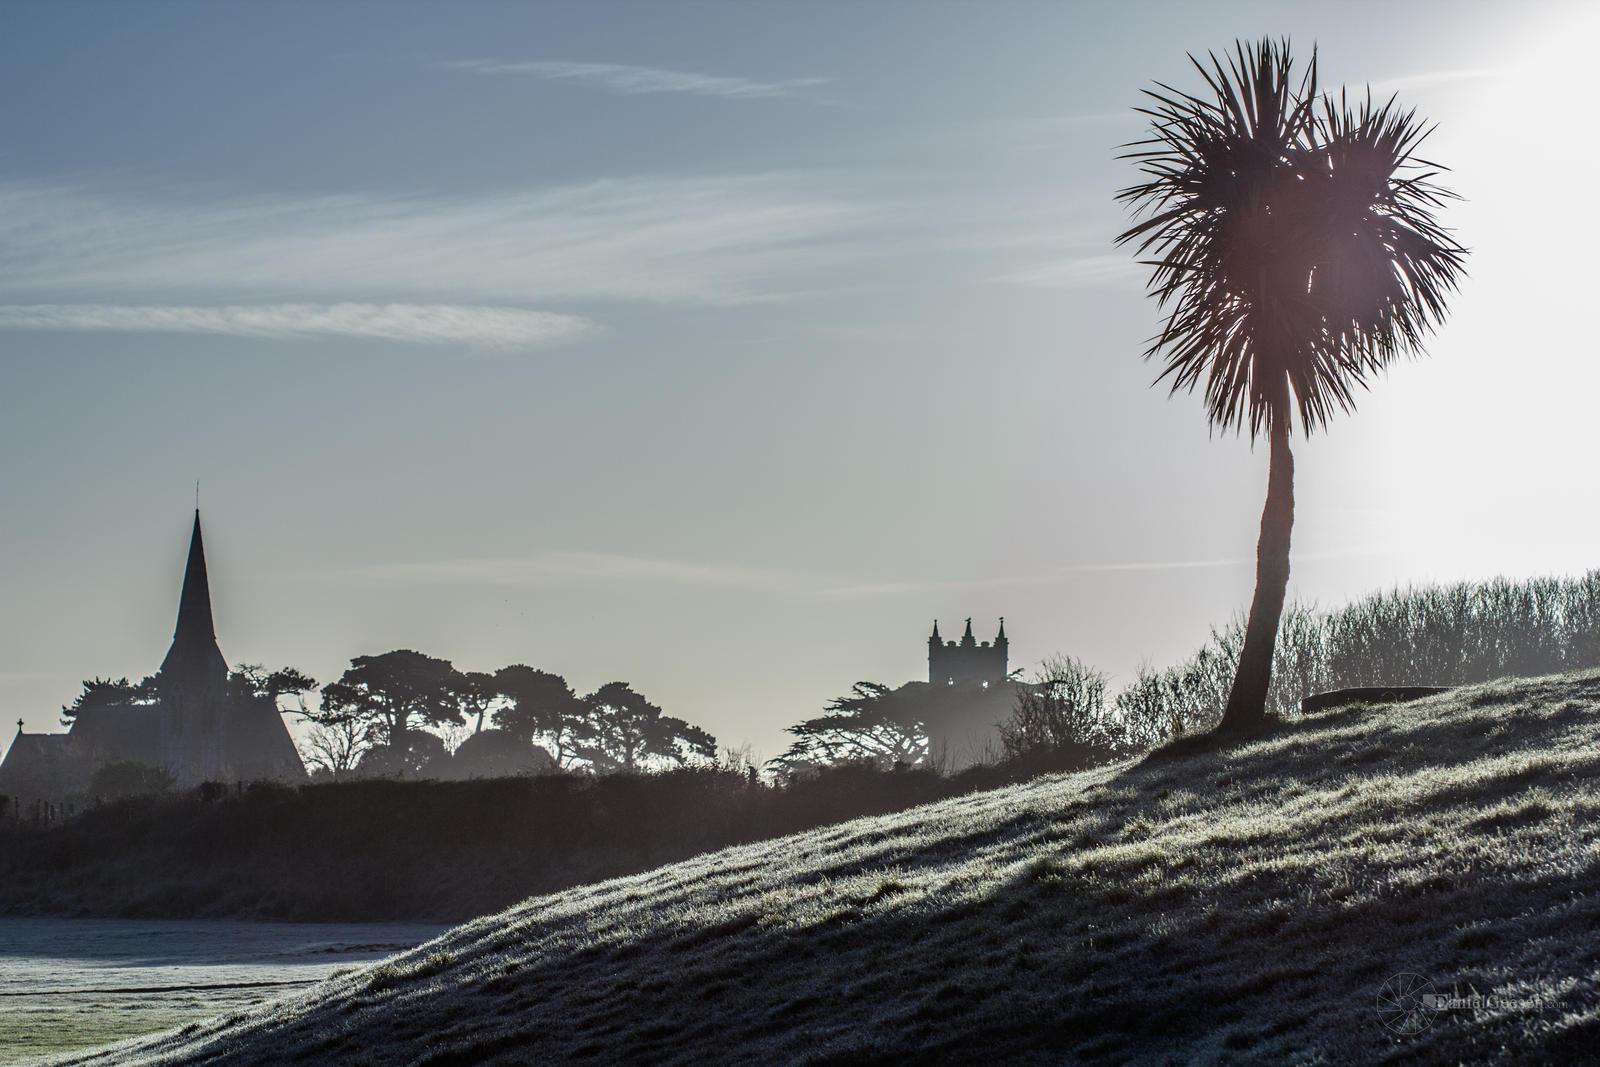 A Frosty Morning in Skerries by DanielGeesen